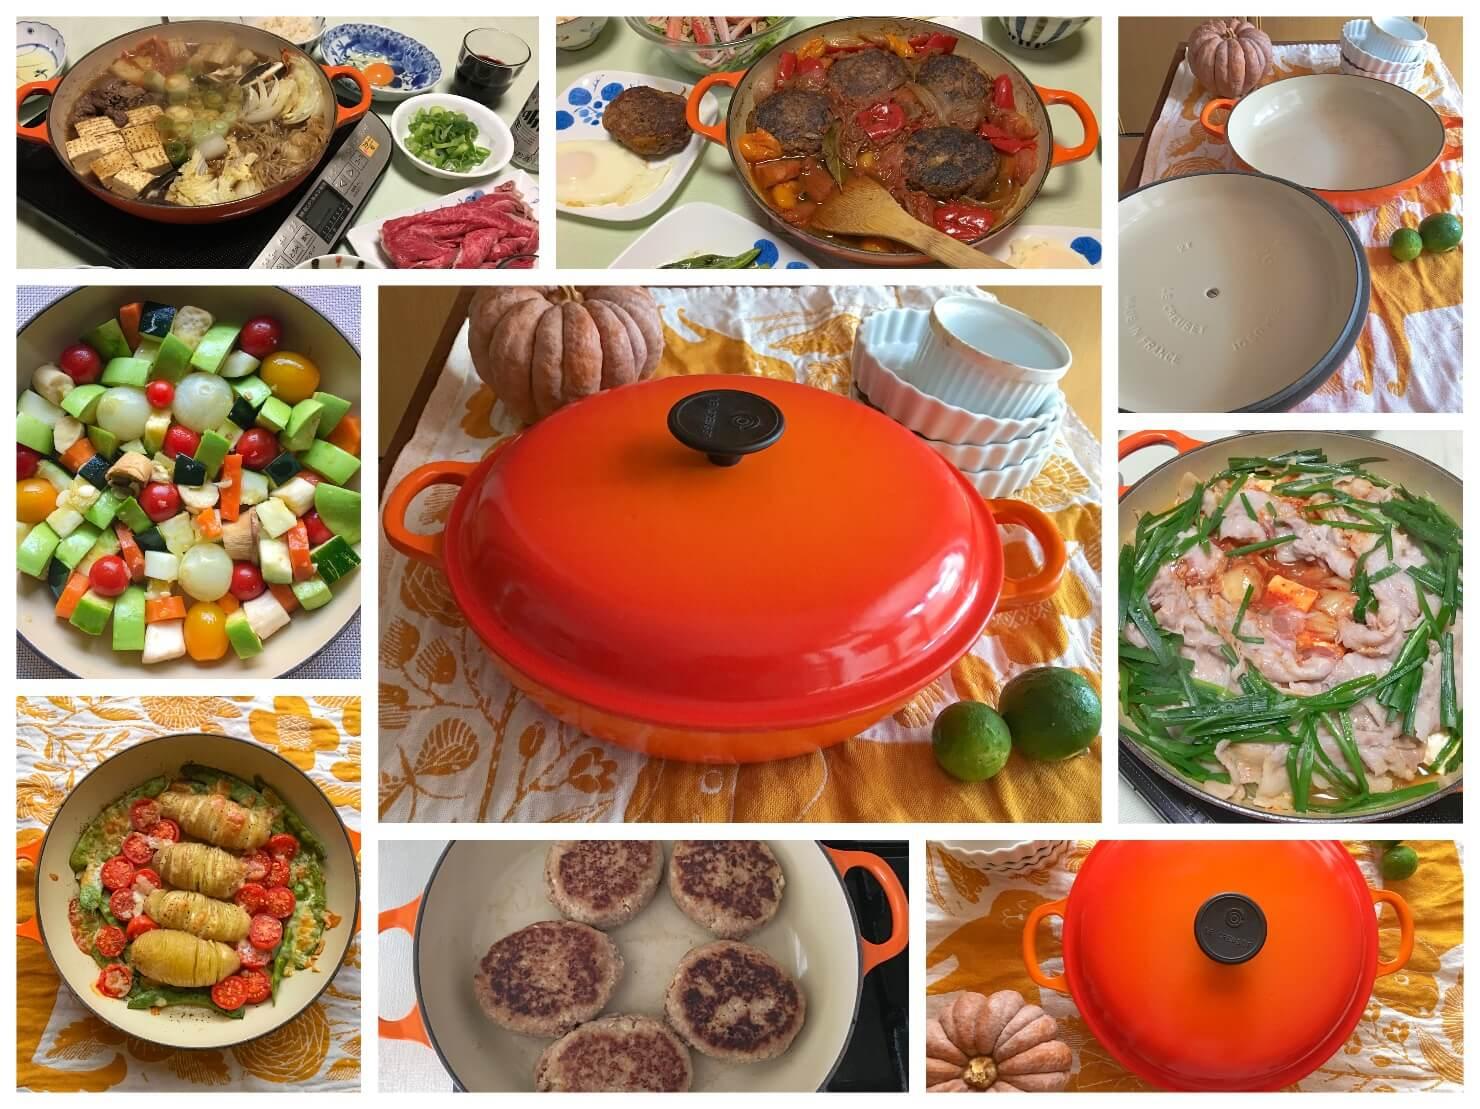 ビュッフェキャセロールの写真やビュッフェ キャセロールで作った料理の写真のコラージュ